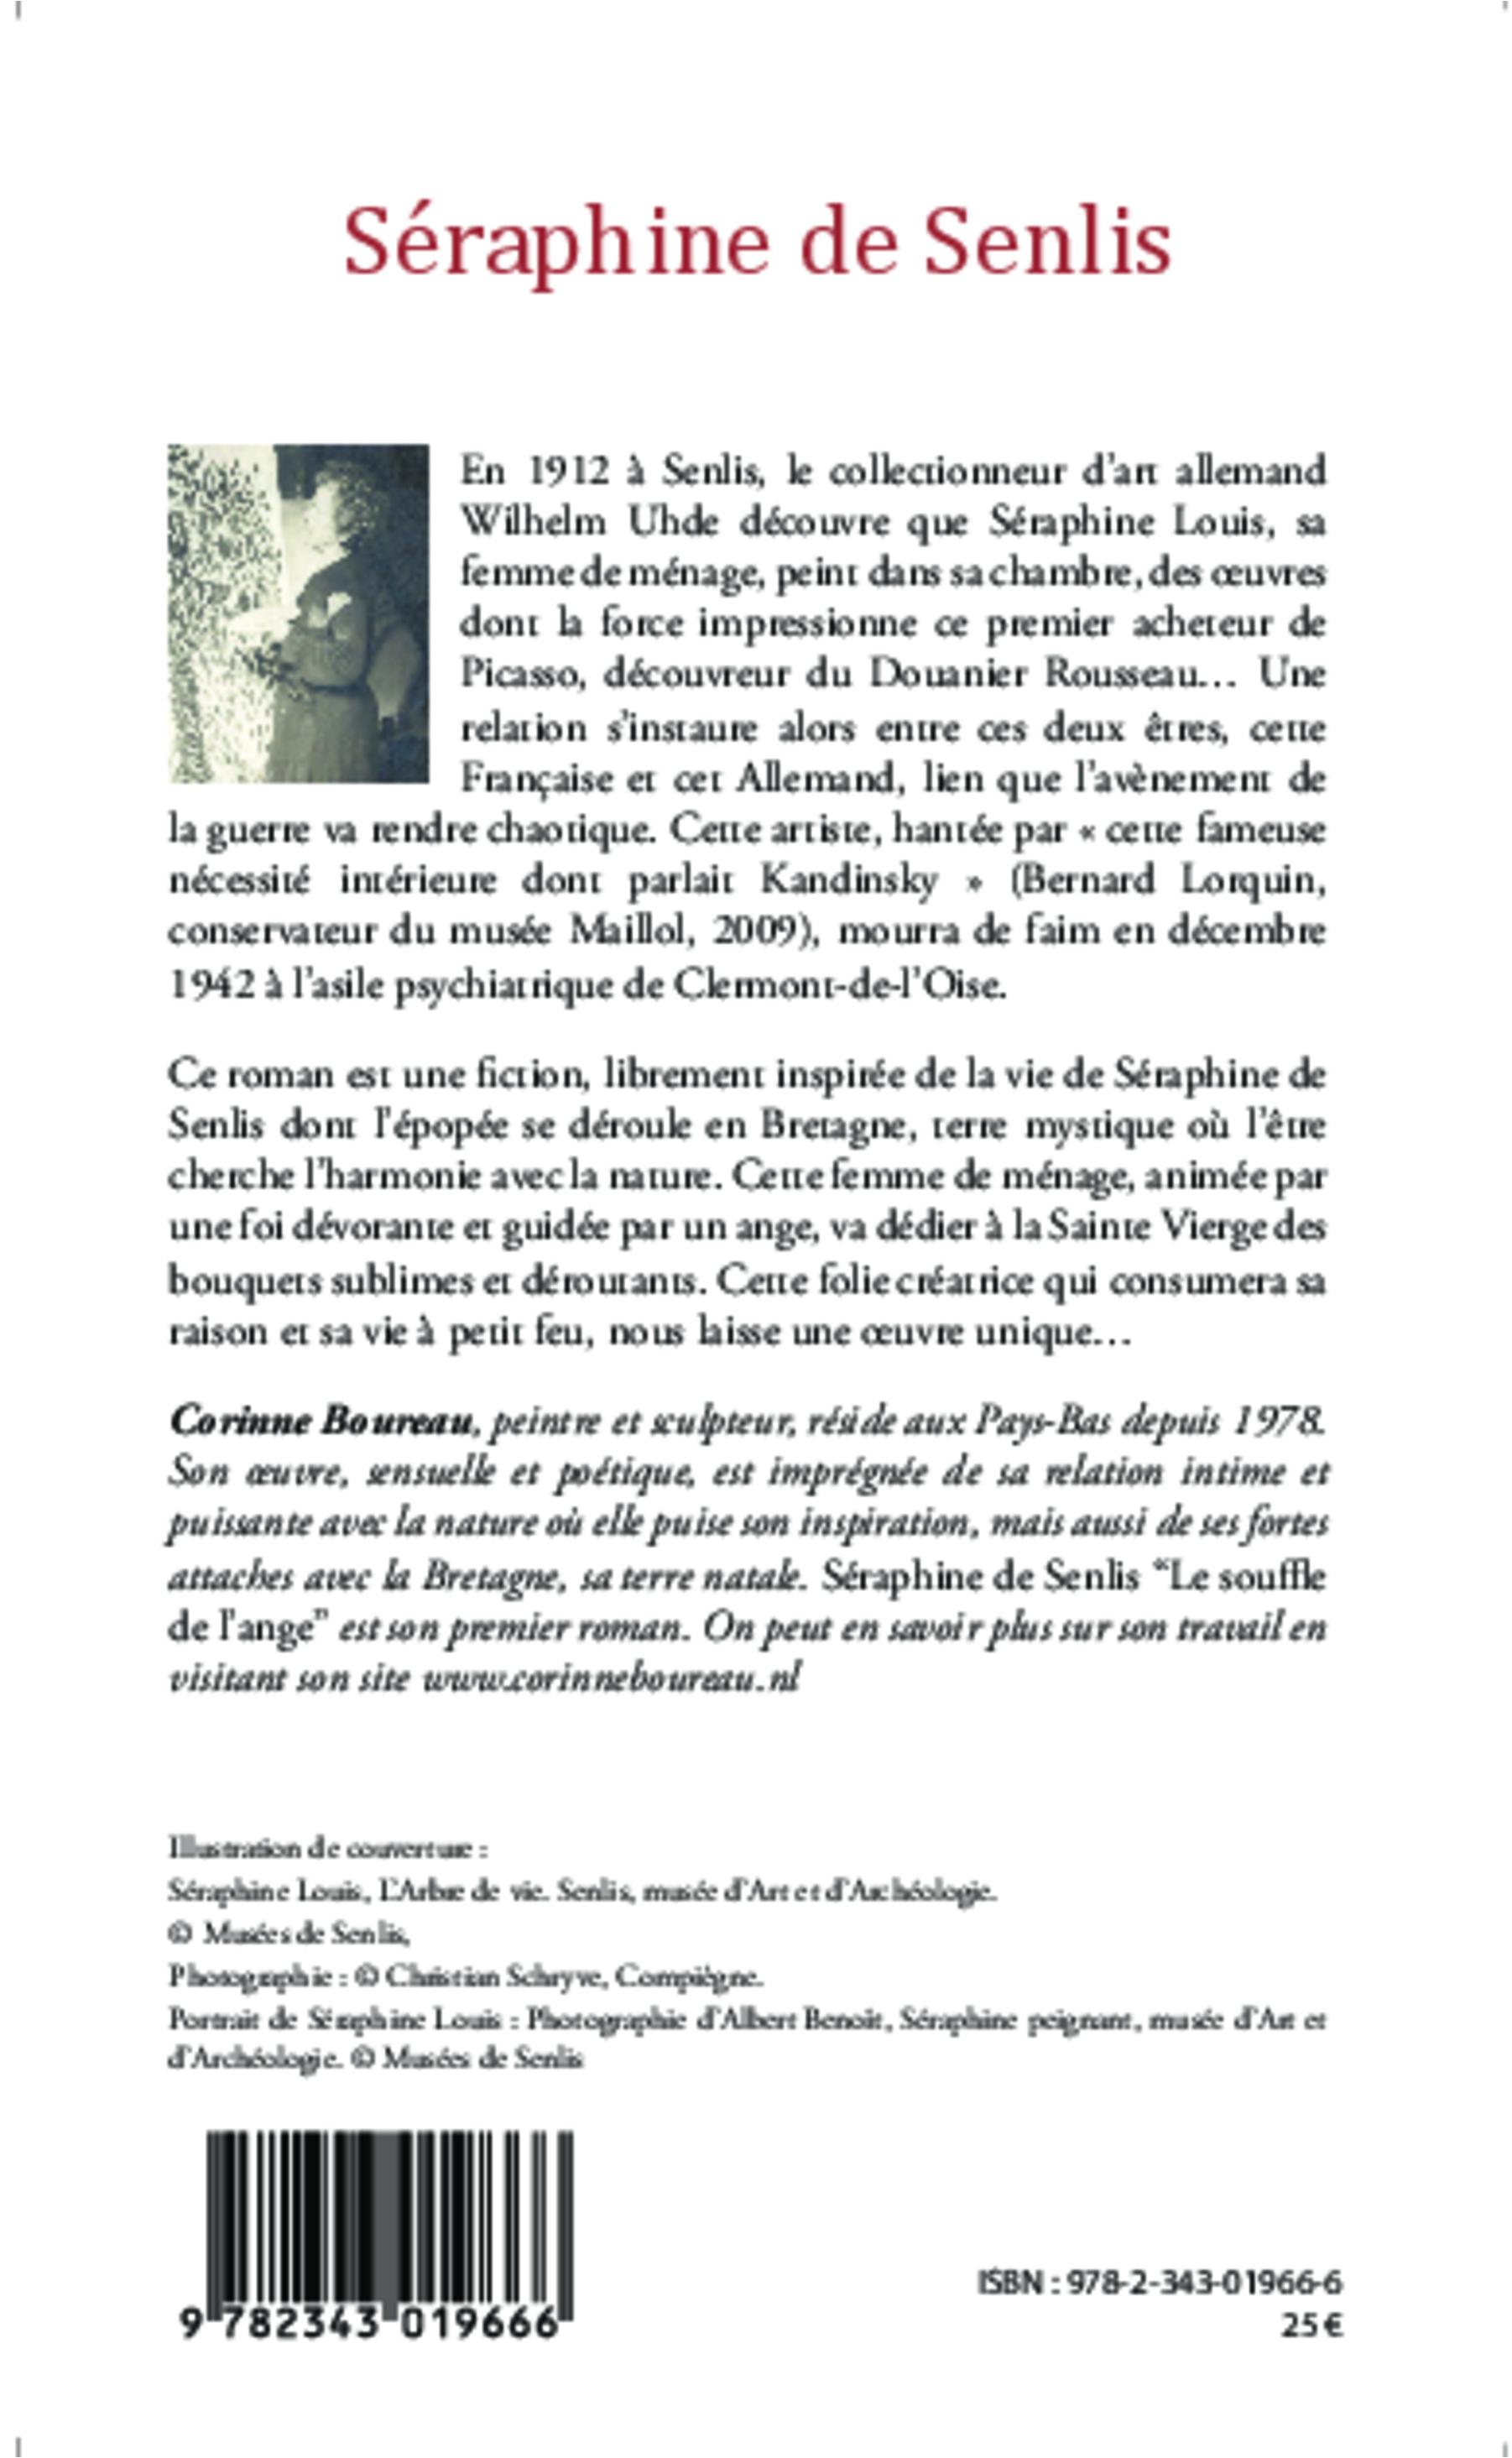 S raphine de senlis le souffle de l 39 ange roman corinne boureau livre ebook epub - Cherche femme de chambre ...